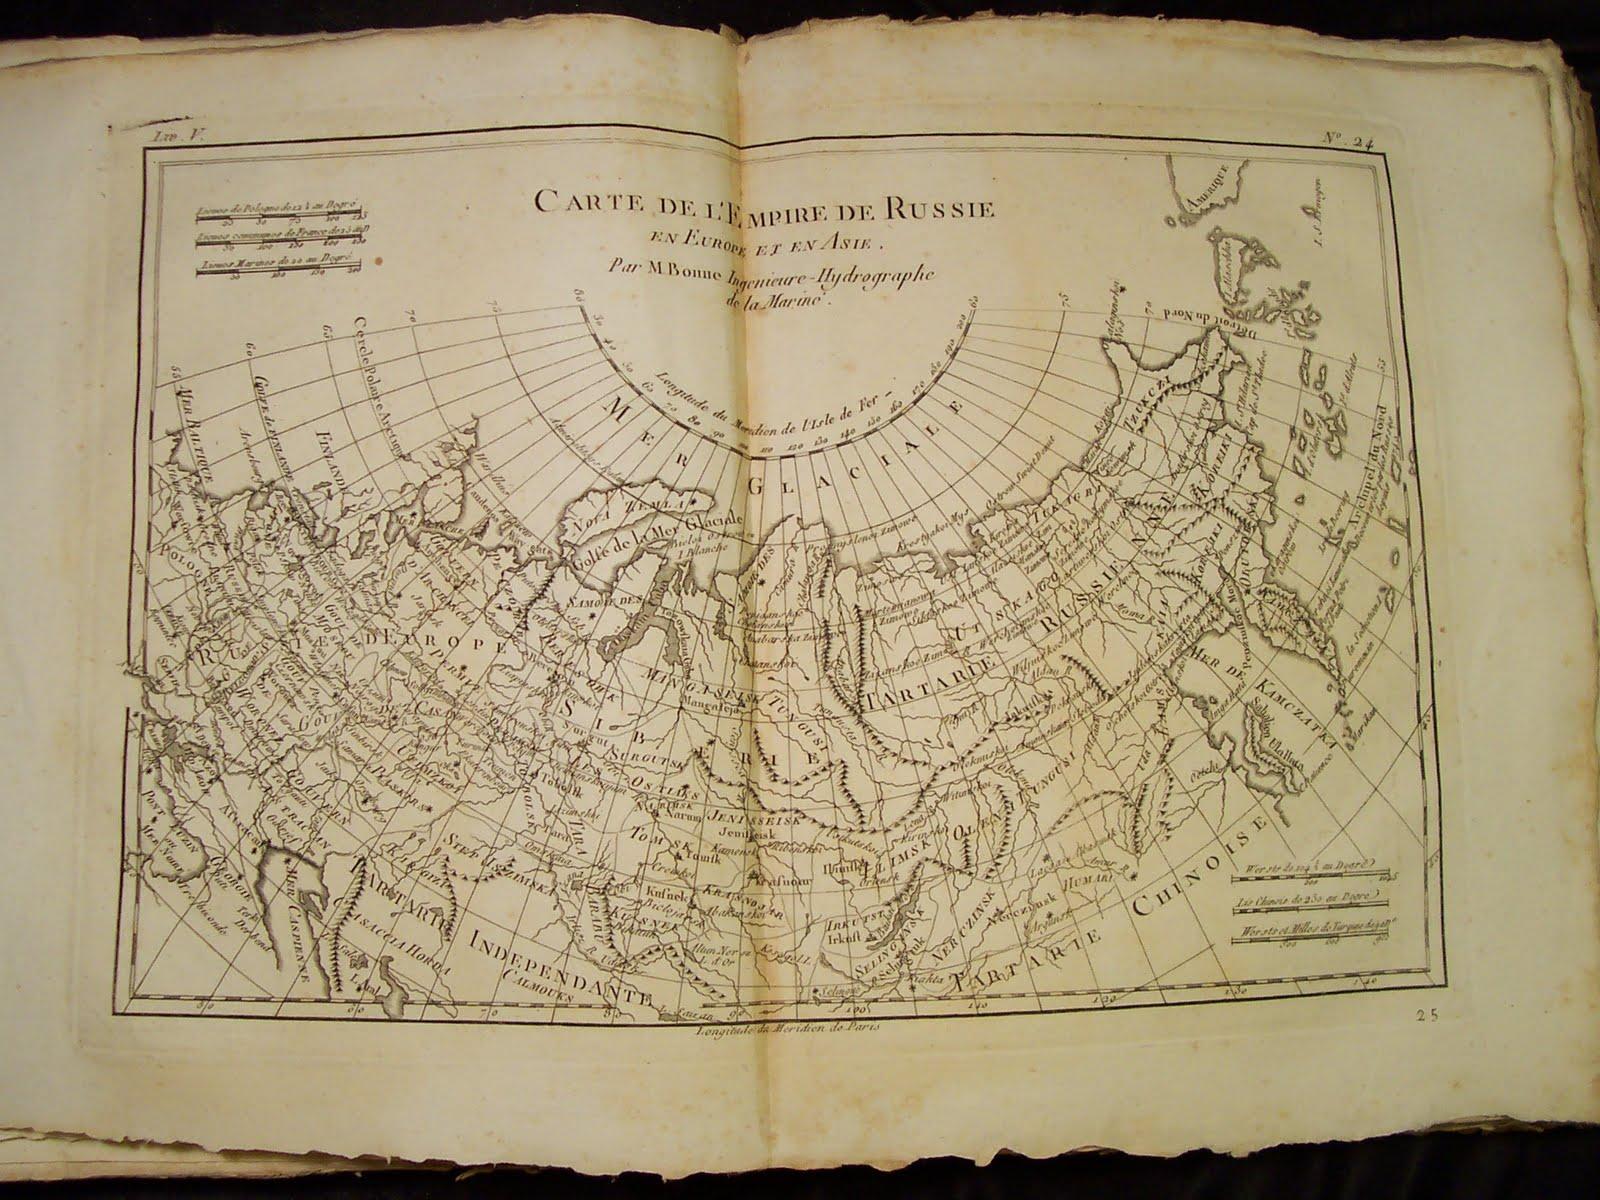 Liste Des Cartes Contenues Dans Cet Atlas 1 Lancien Monde Et Le Nouveau En Deux Hemispheres 2 Planisphere Suivant La Projection De Mercator